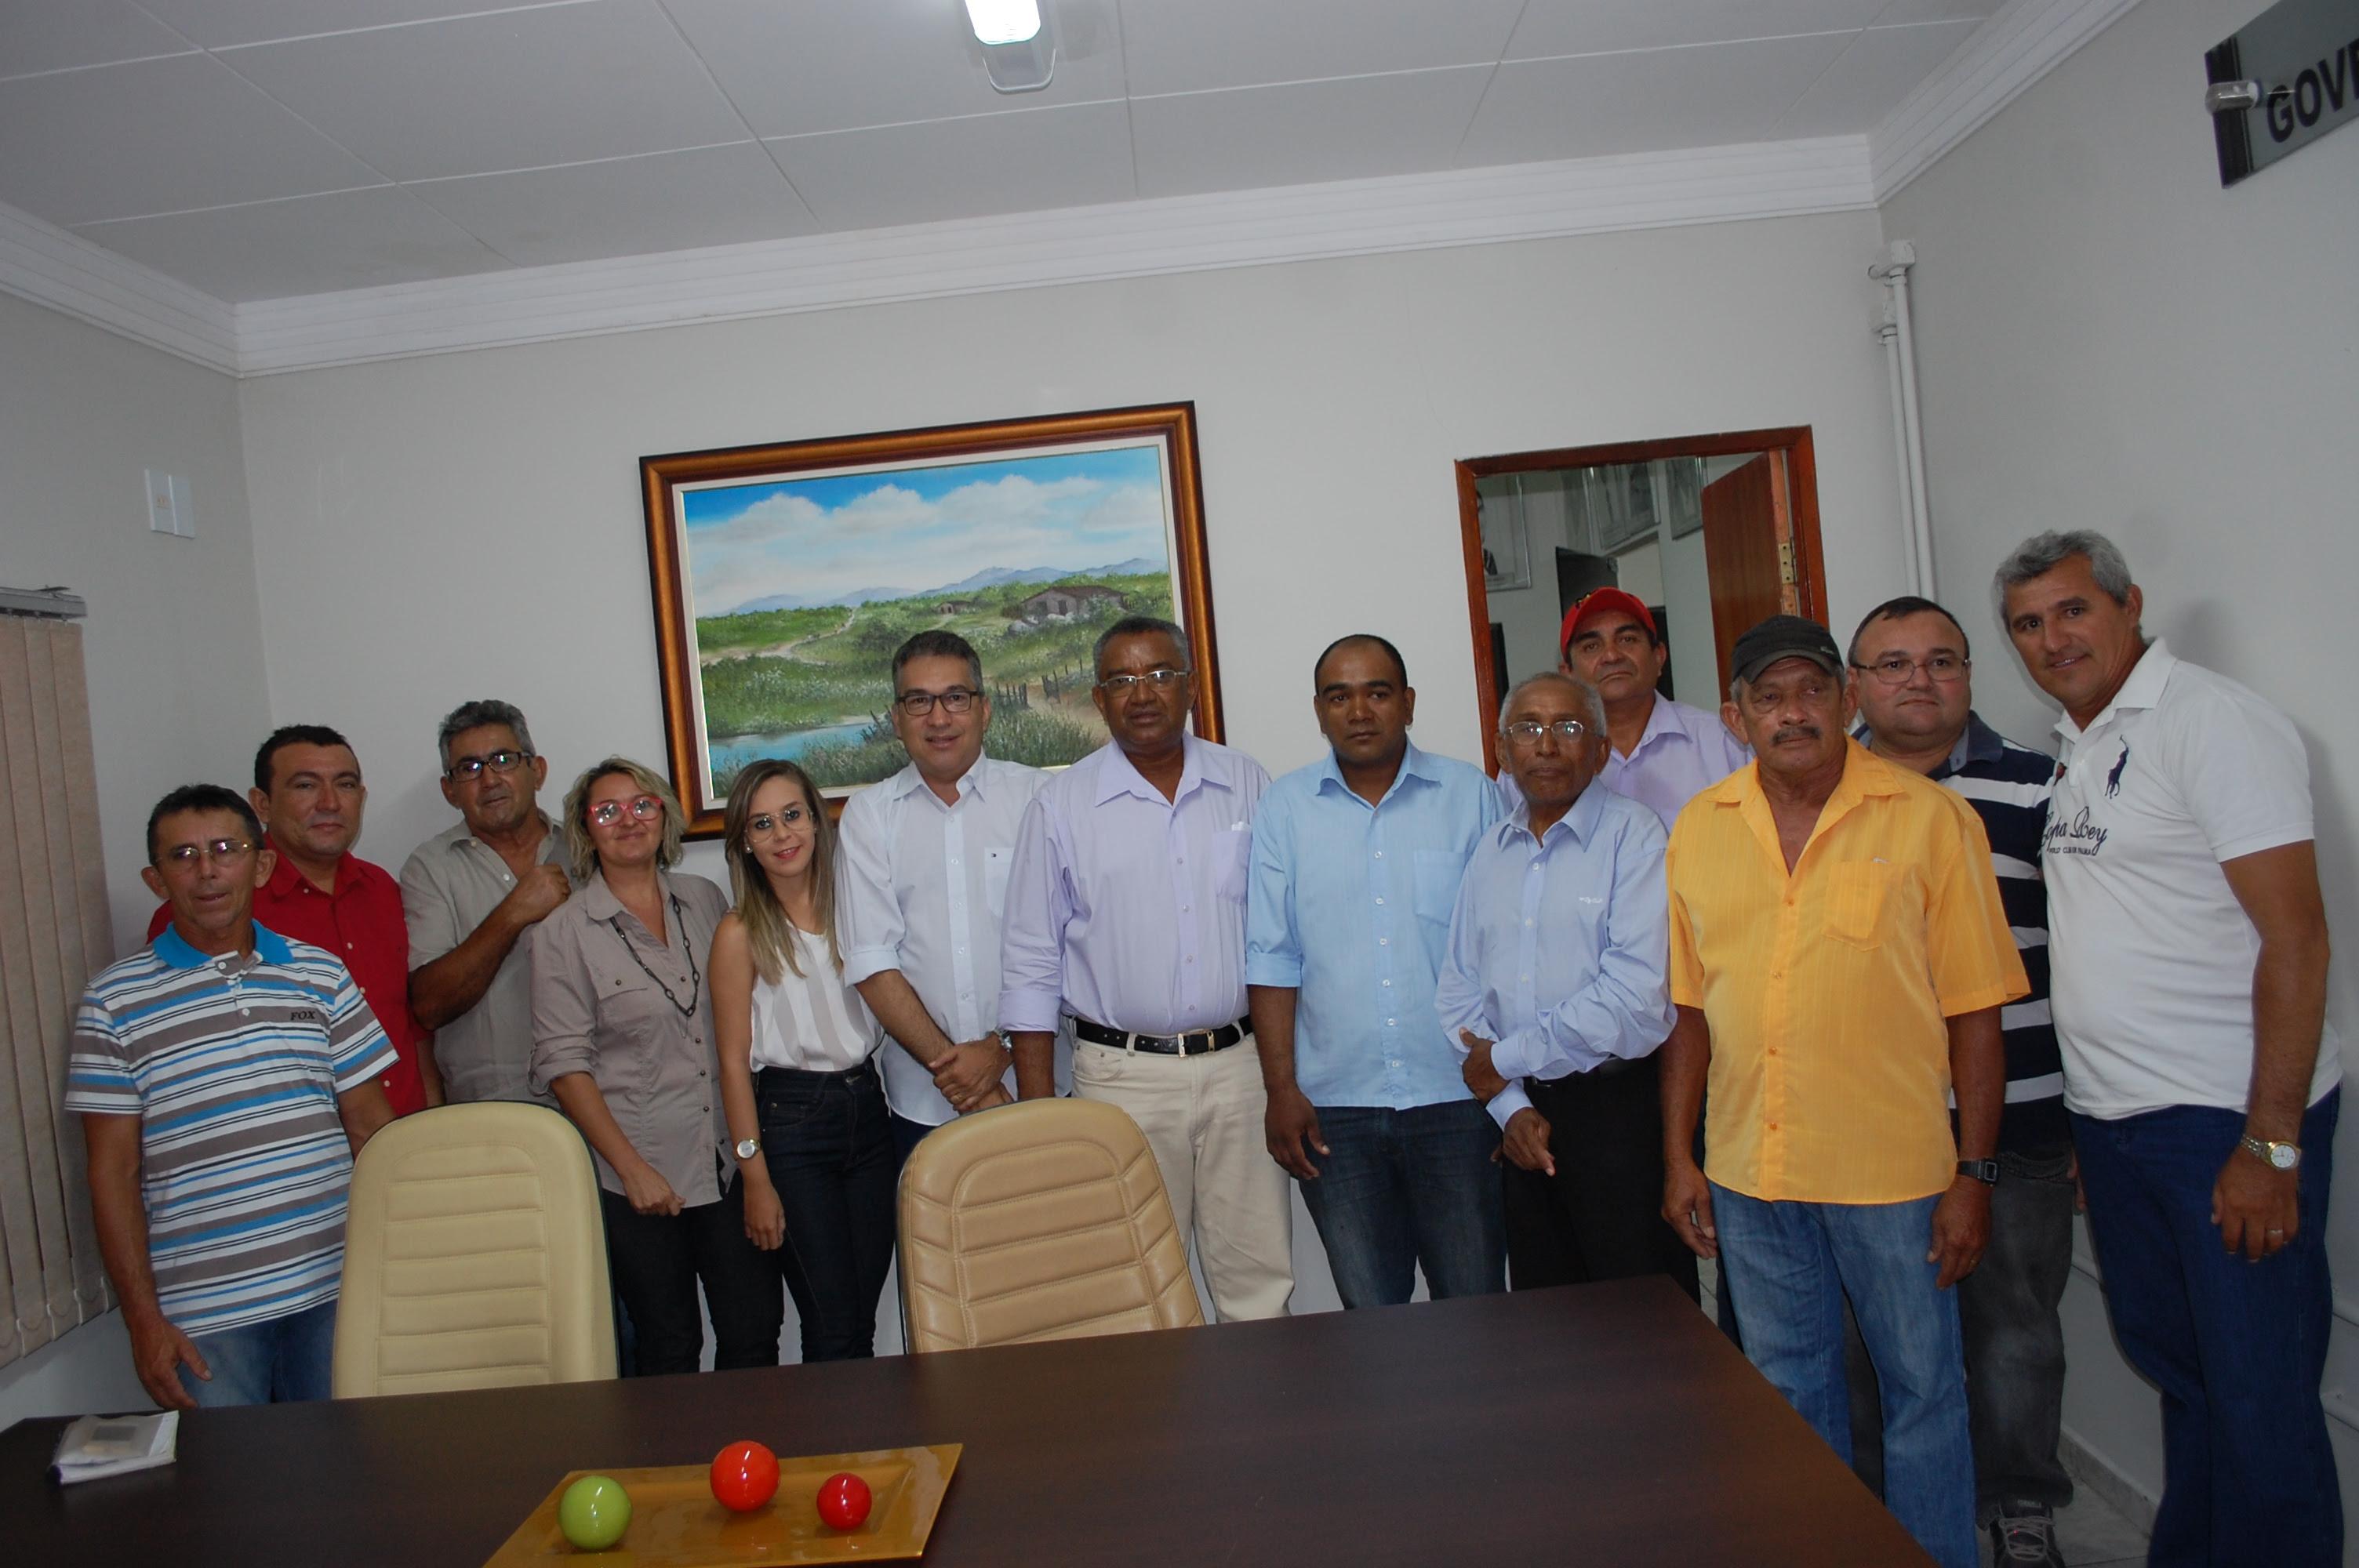 O primeiro desafio é regularizar todos os conselhos comunitários da cidade de Caicó - Foto: Paulo Júnior